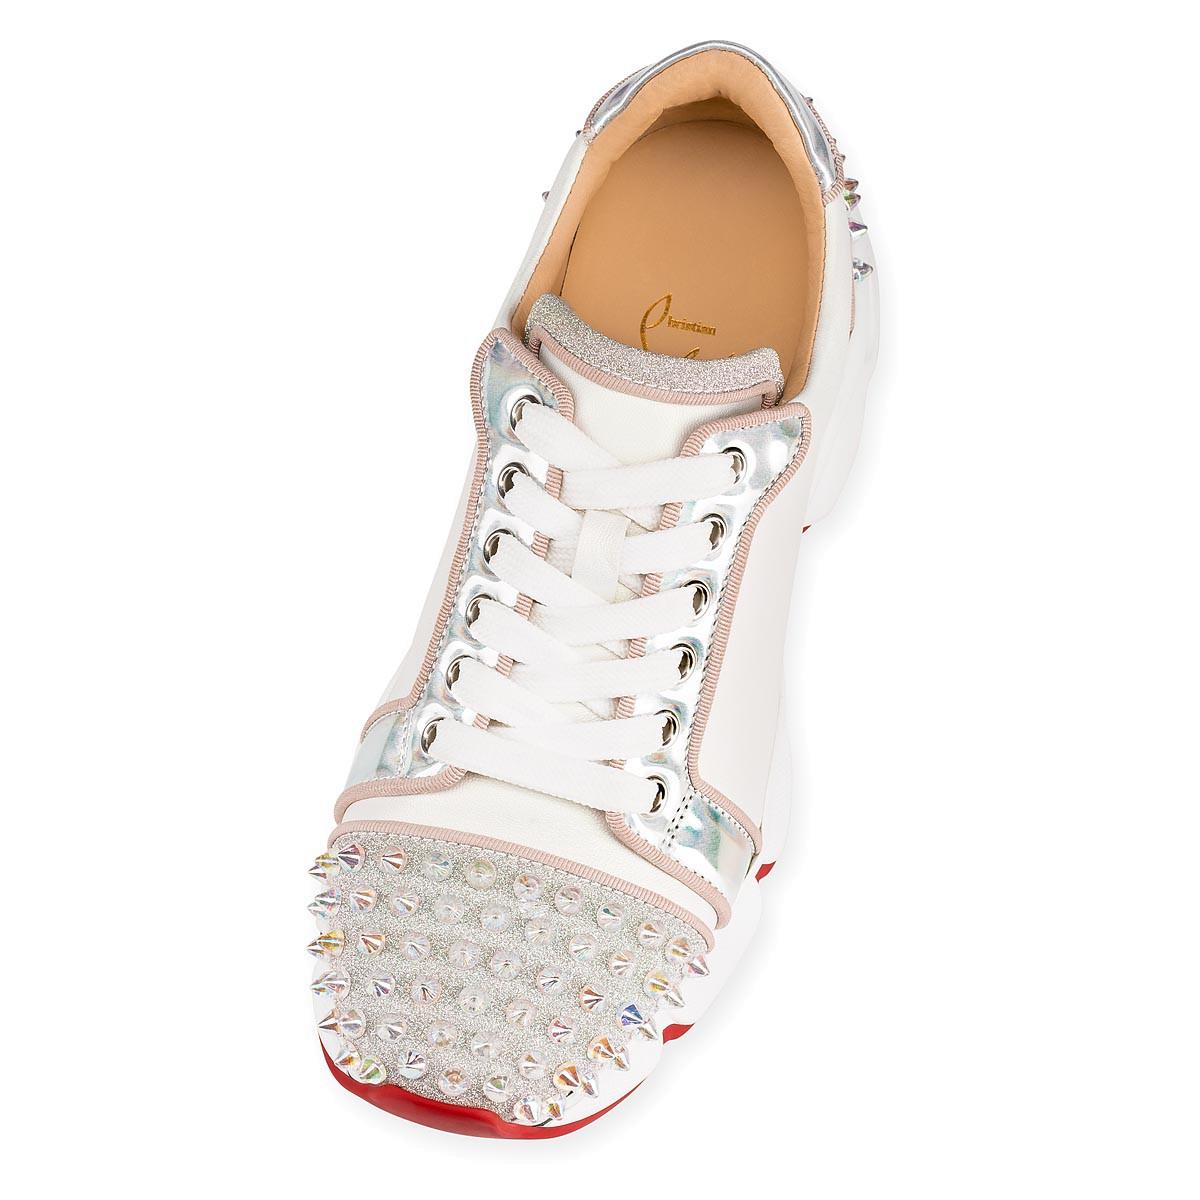 鞋履 - Vrs 2018 Orlato 000 Glitter - Christian Louboutin